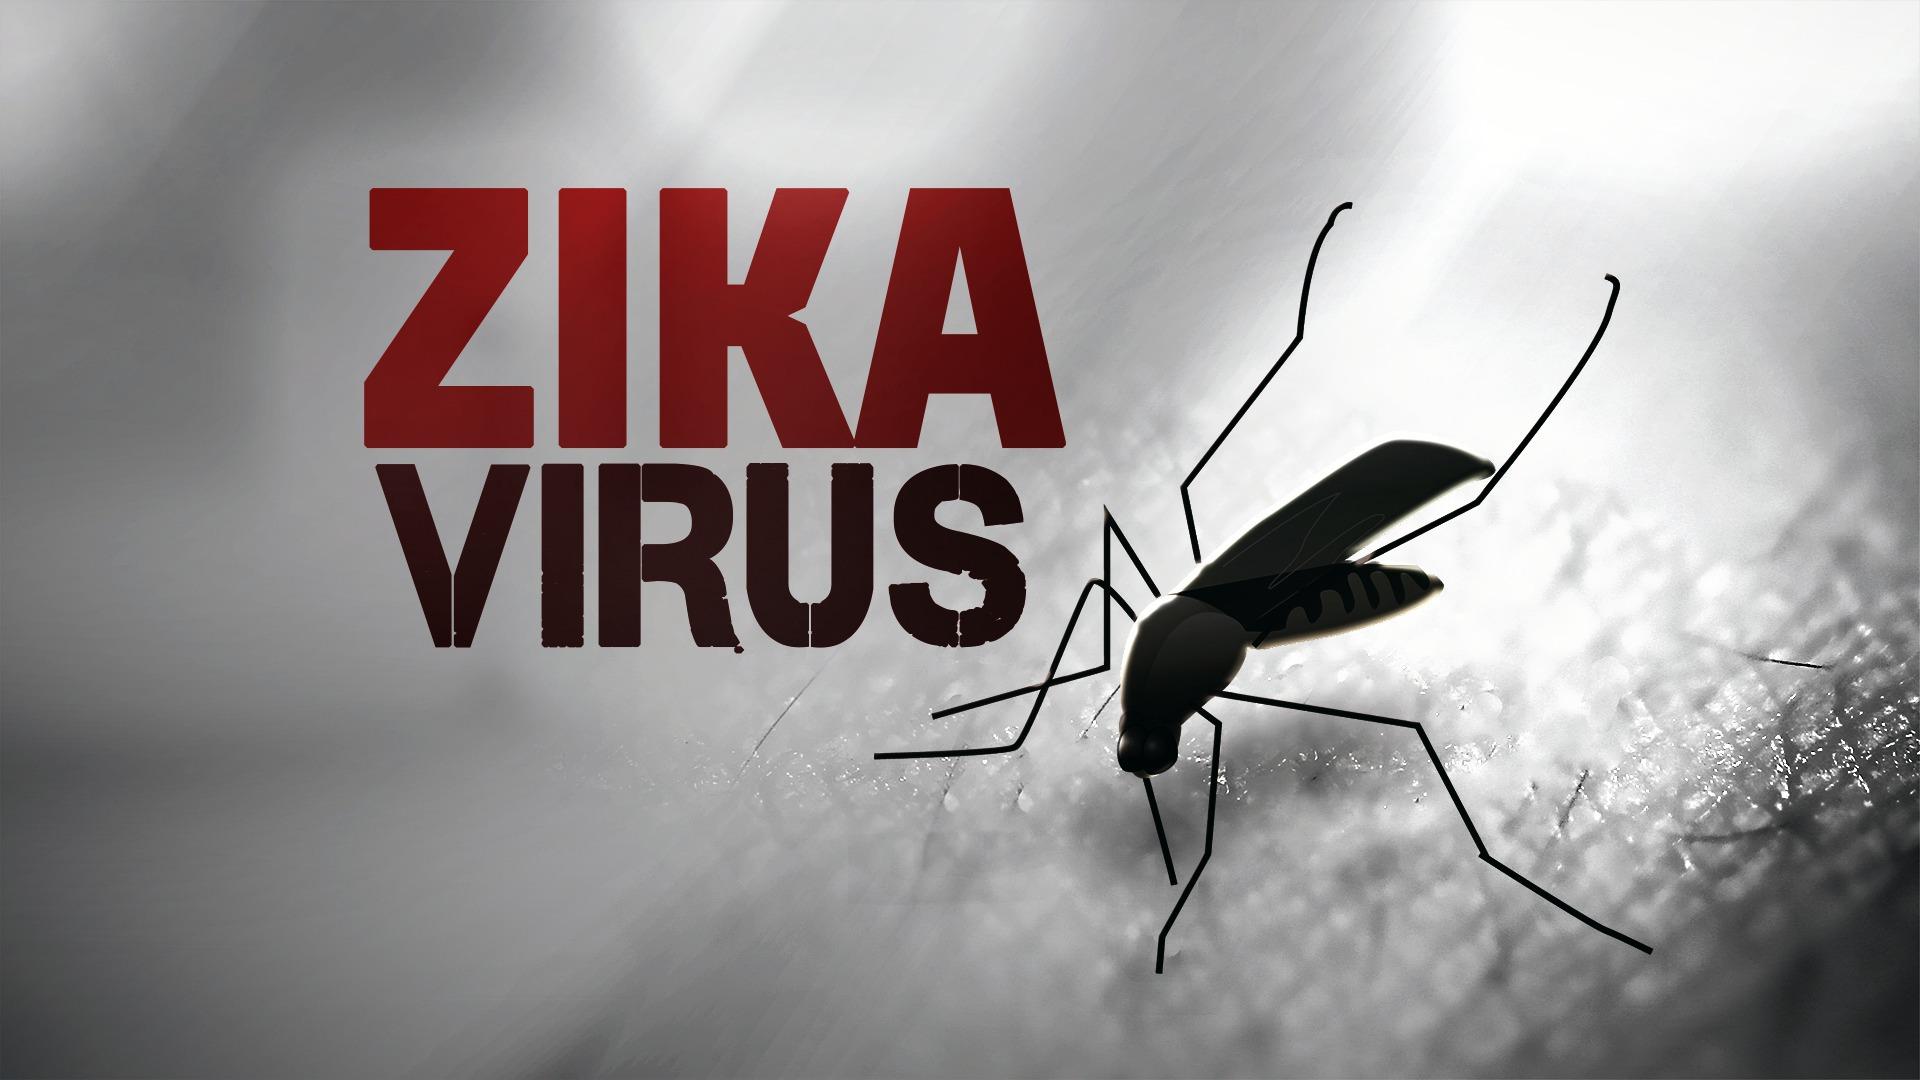 Zika Virus Pictures